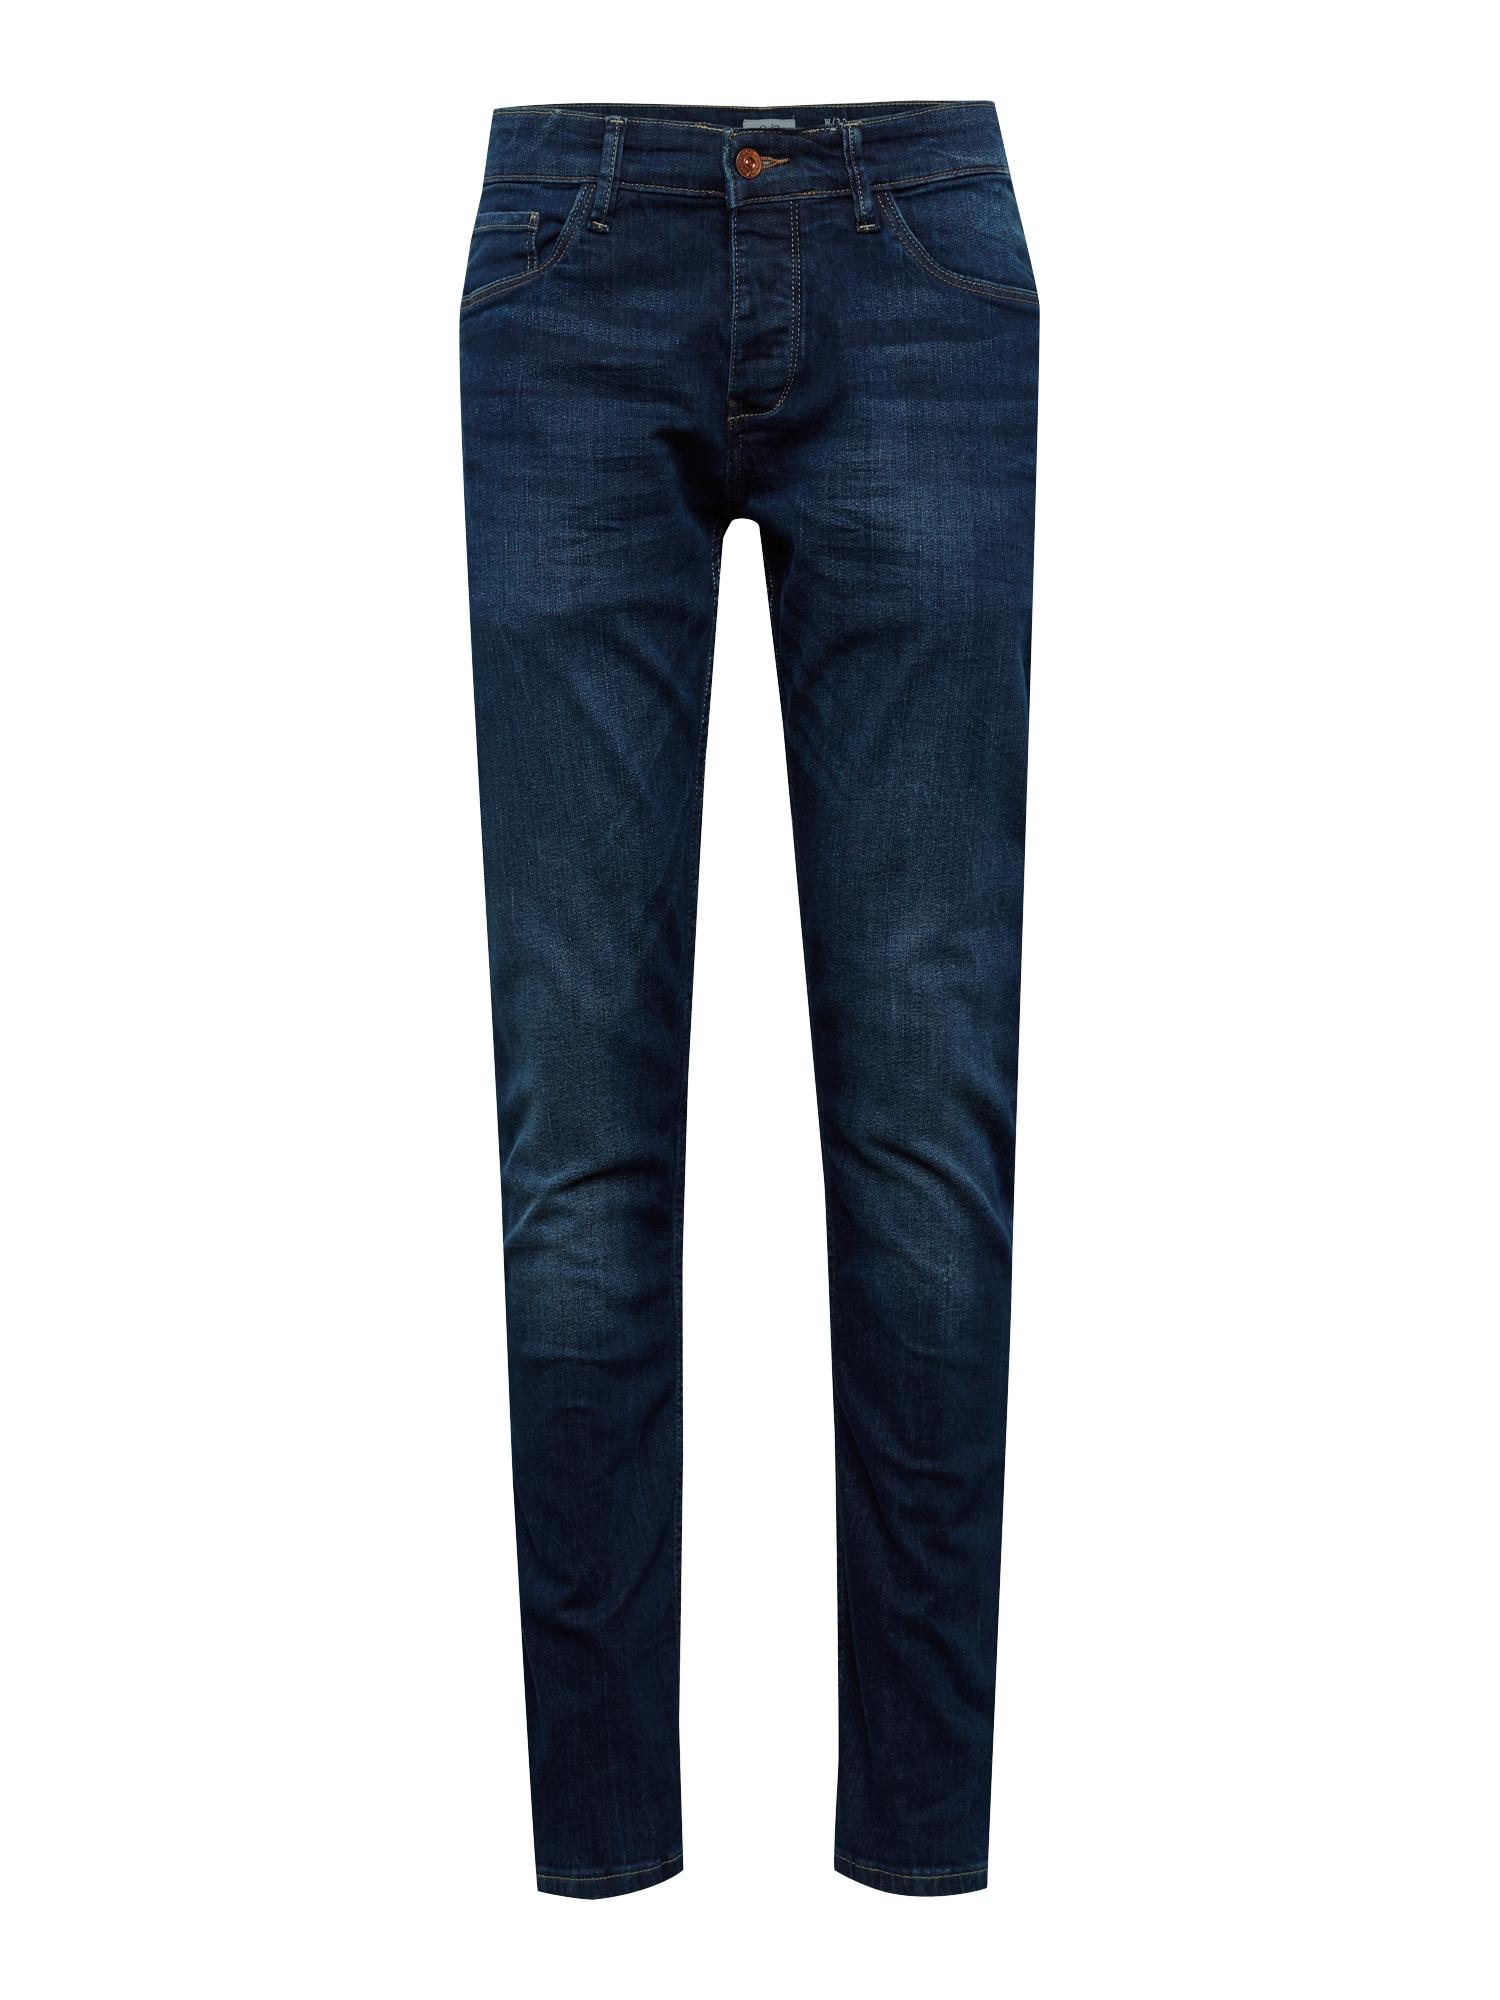 QS Designed By Džíny Stretch-Jeans námořnická modř Q/S Designed By